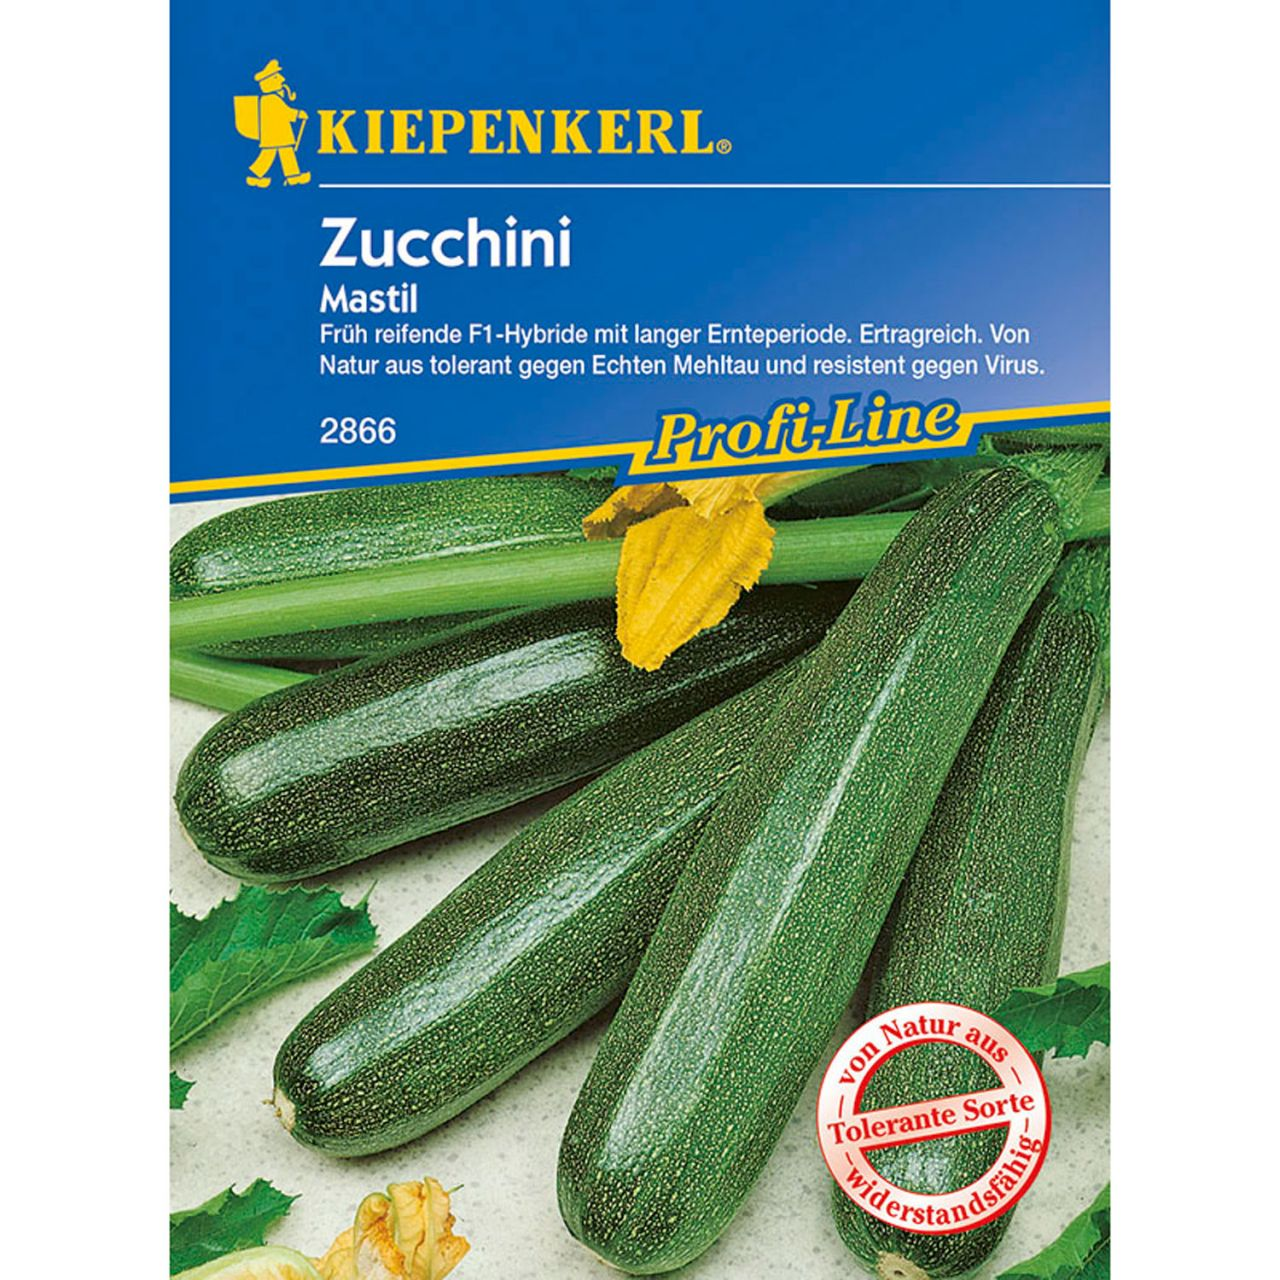 Zucchini 'Mastil'